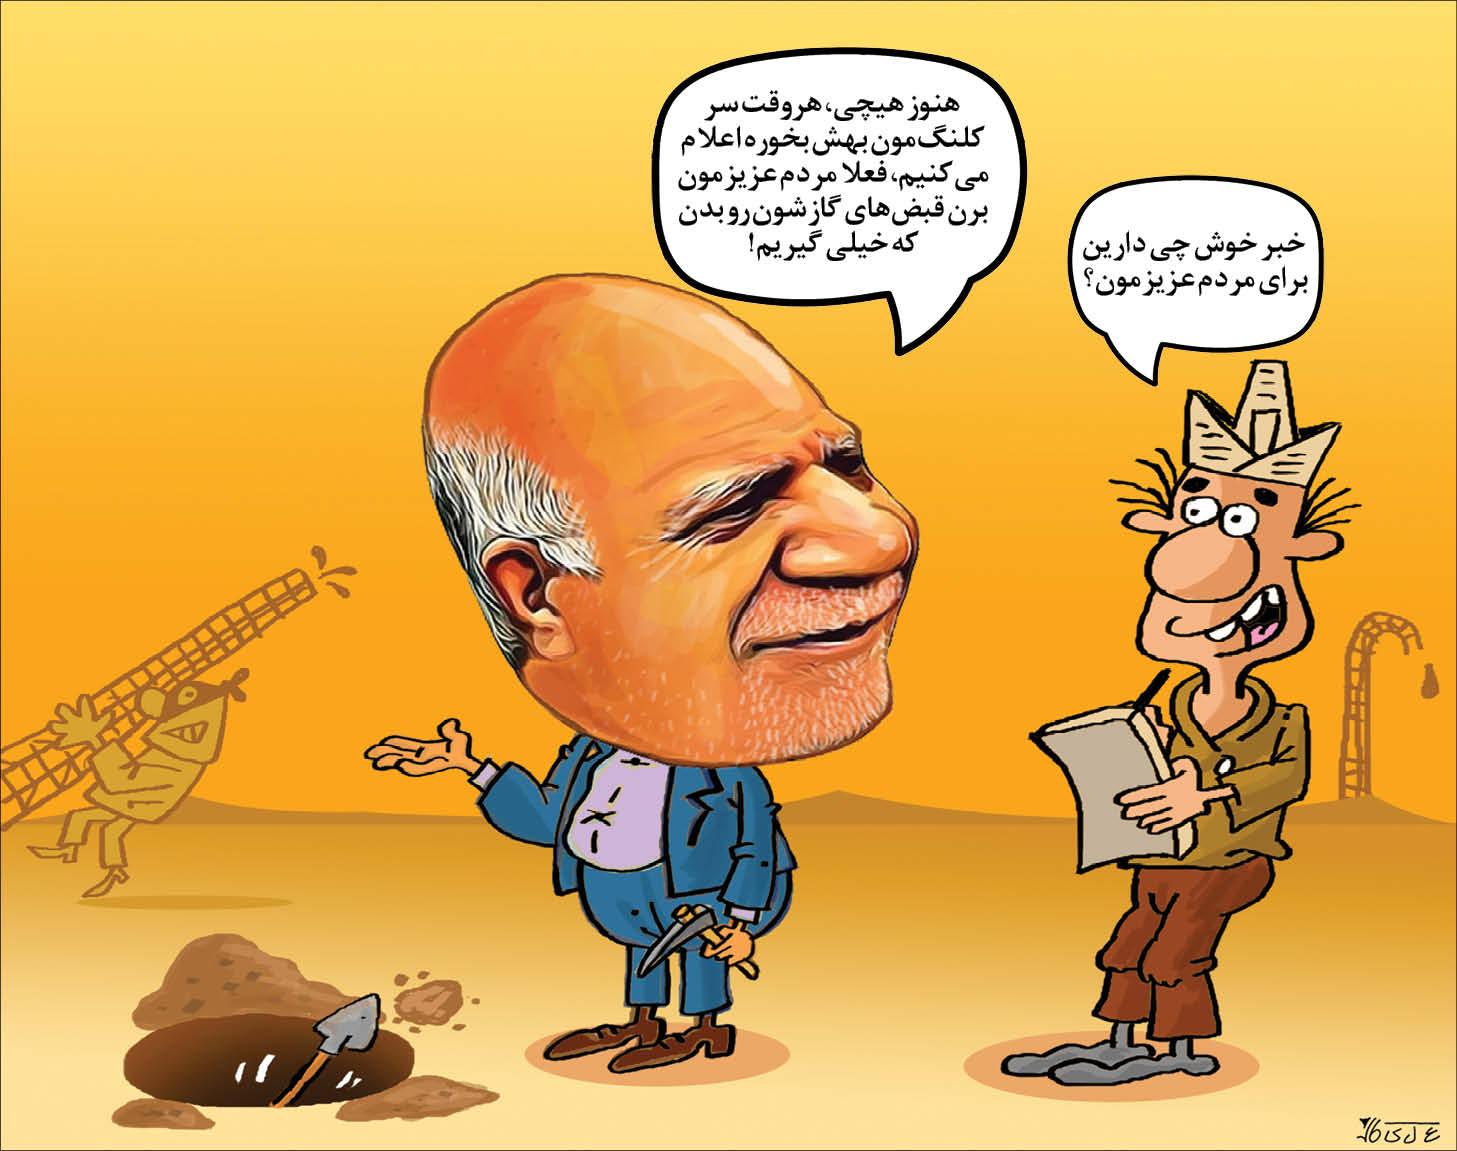 کارتونیست: علی کاشی